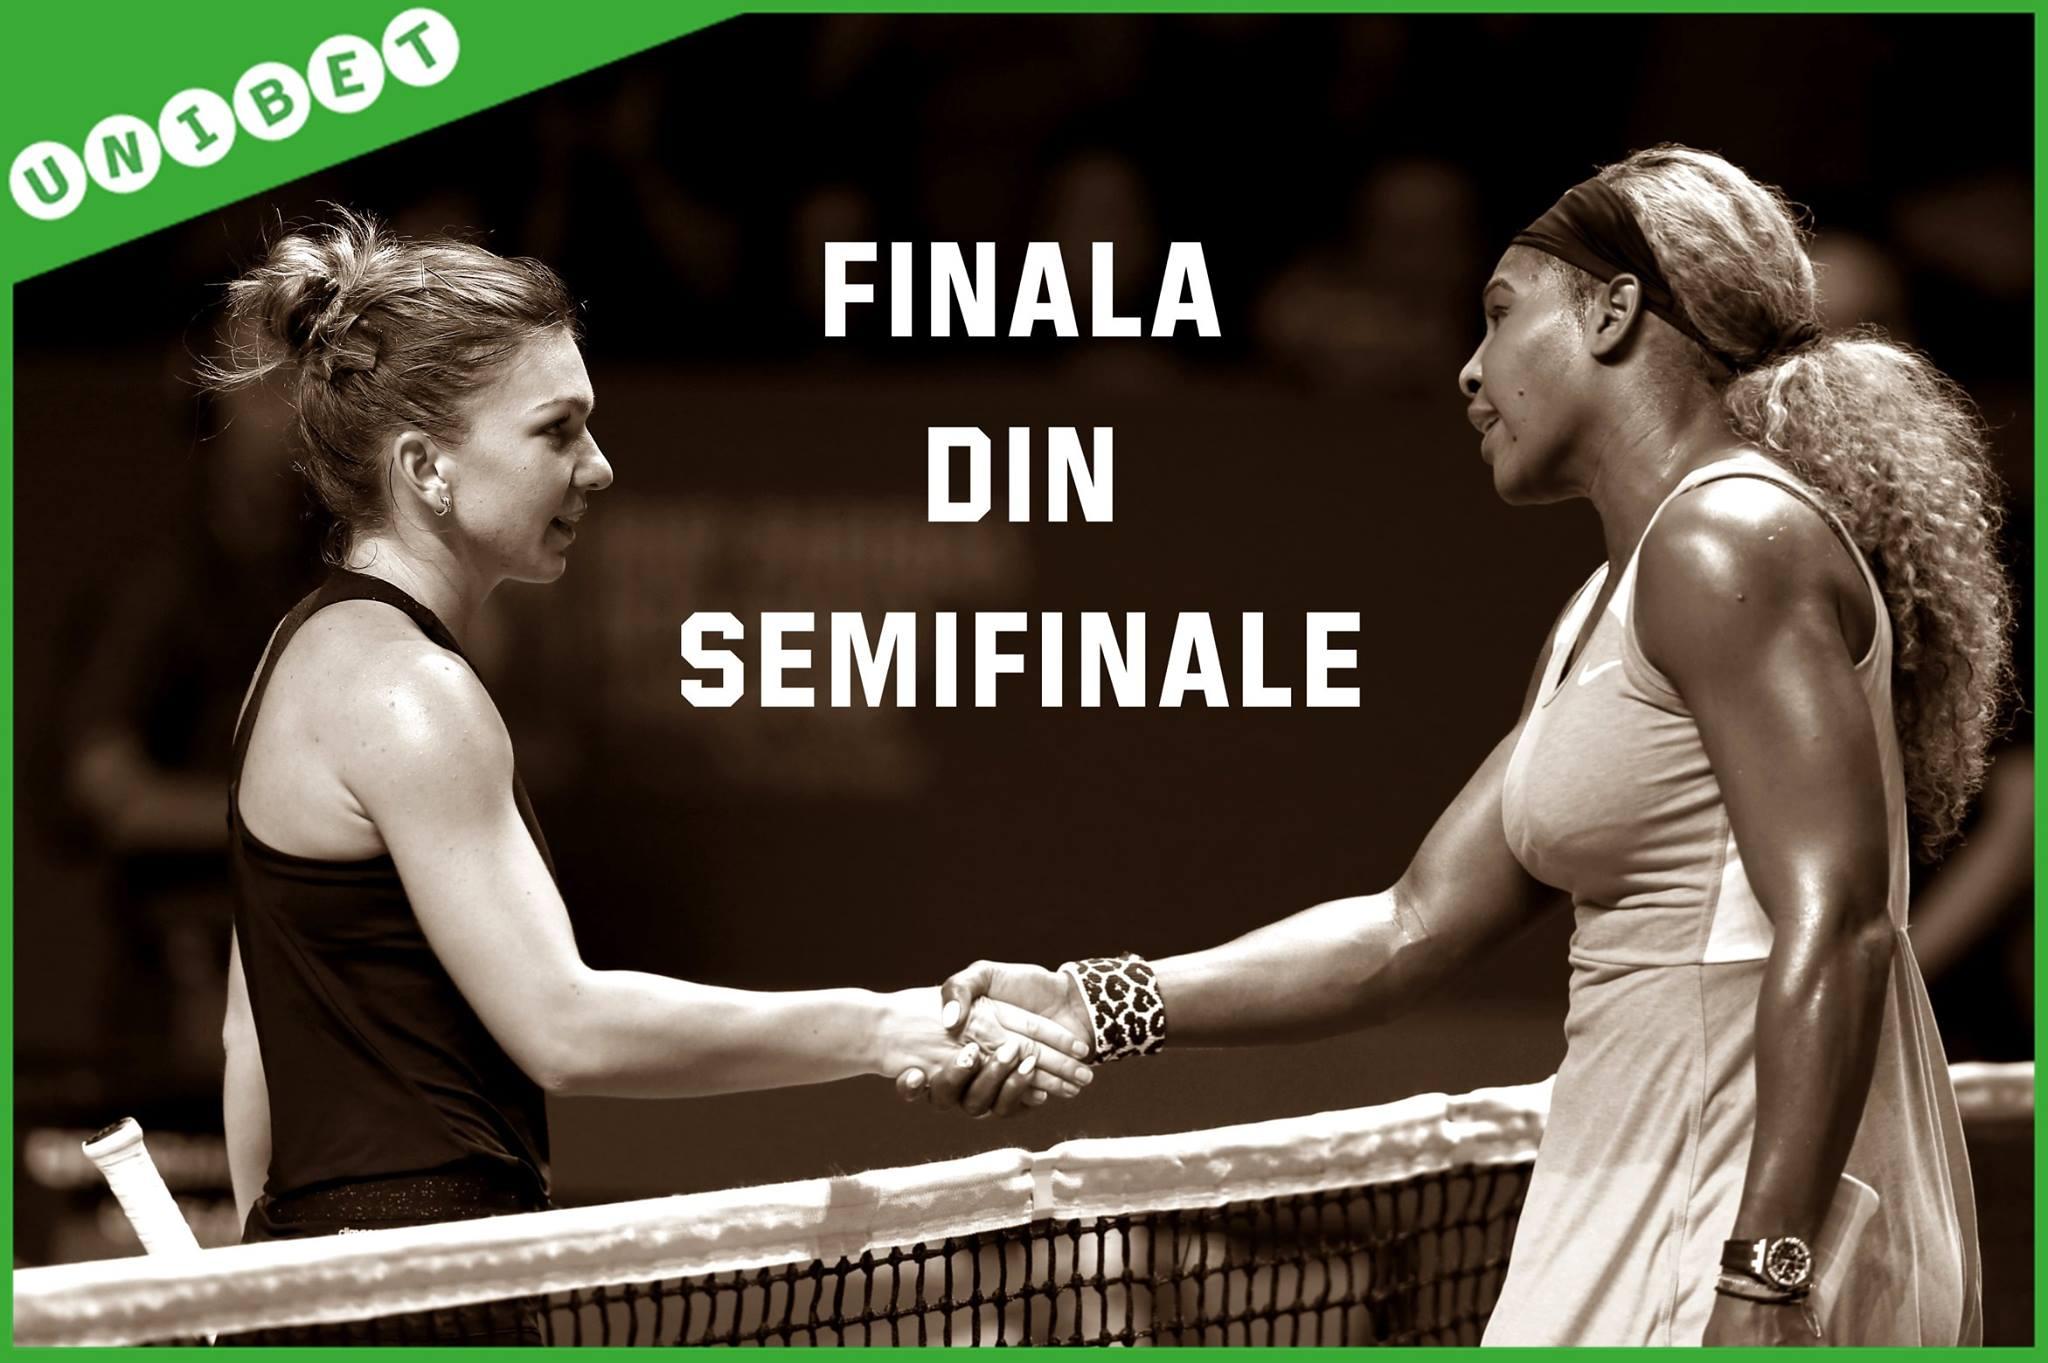 Biletul Zilei (02.04.2015) – Serena Williams vs Simona Halep, ora 04:00, in semifinale la Miami